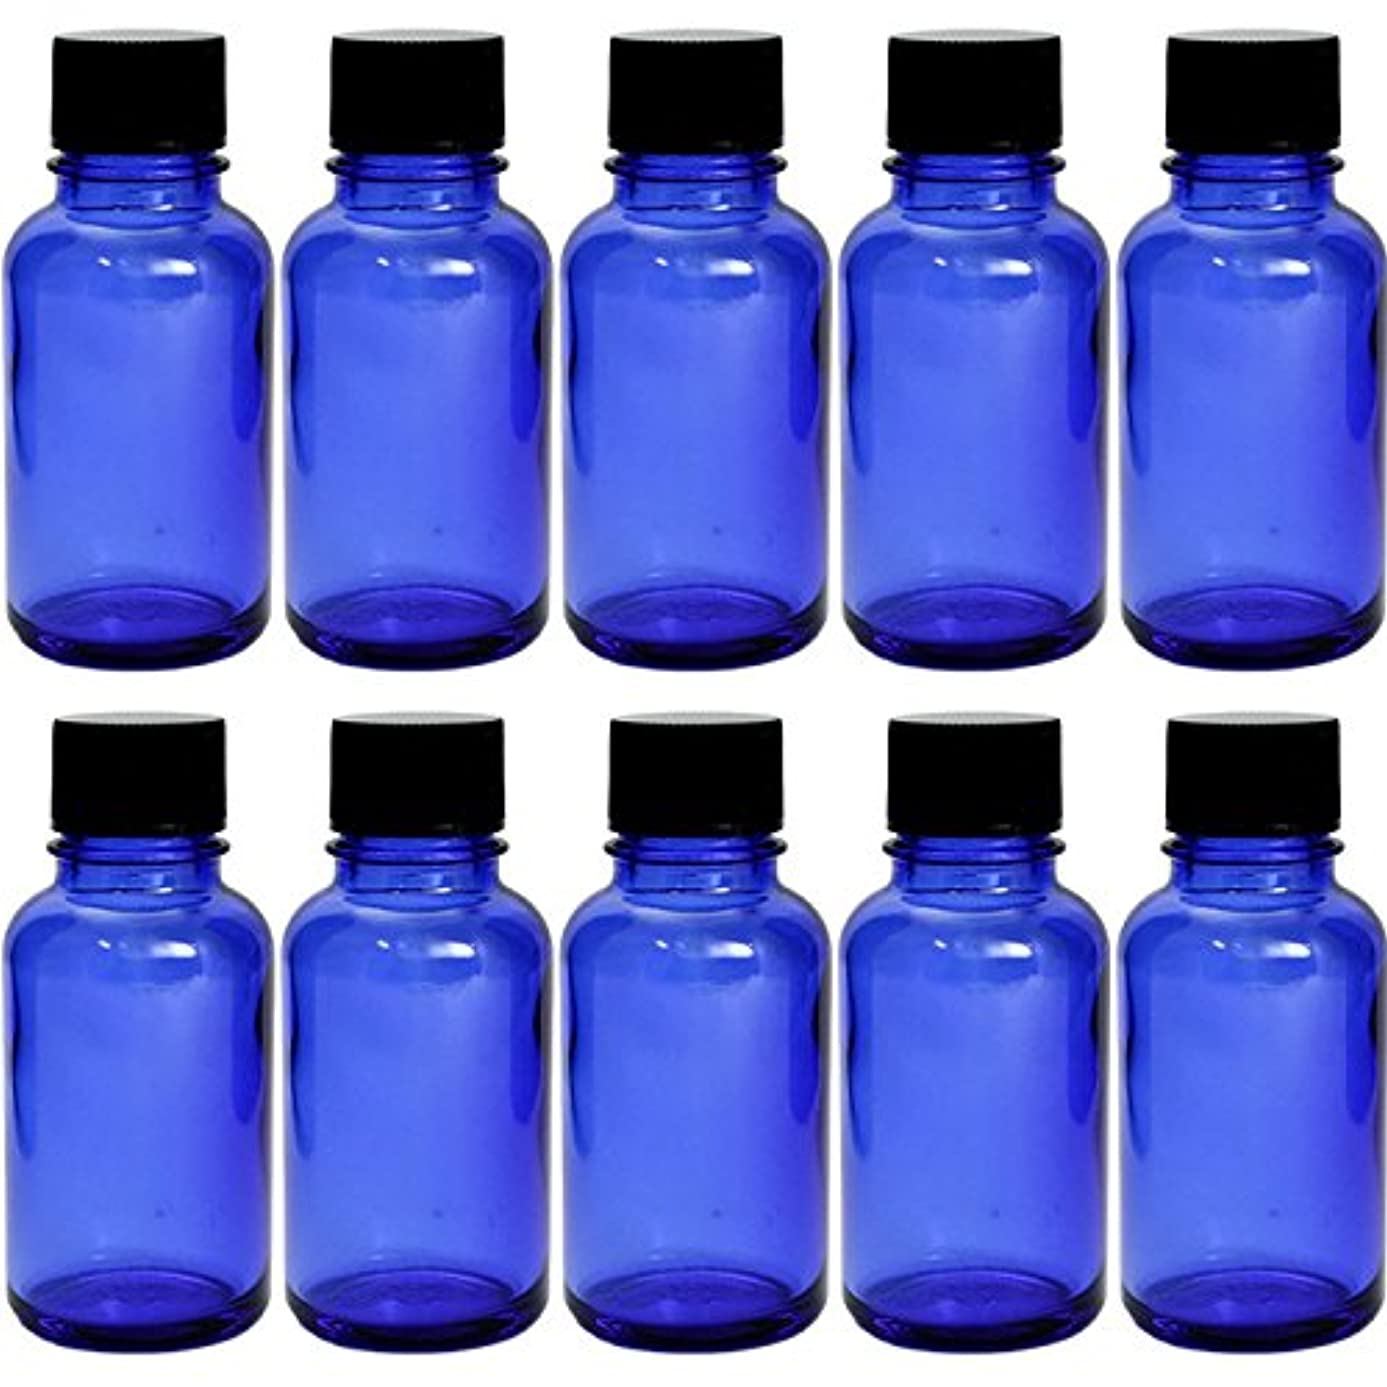 喜んで無関心スキーム遮光瓶 ブルー 30cc SYA-B30cc -10本セット- (黒CAP 穴なし中栓付)